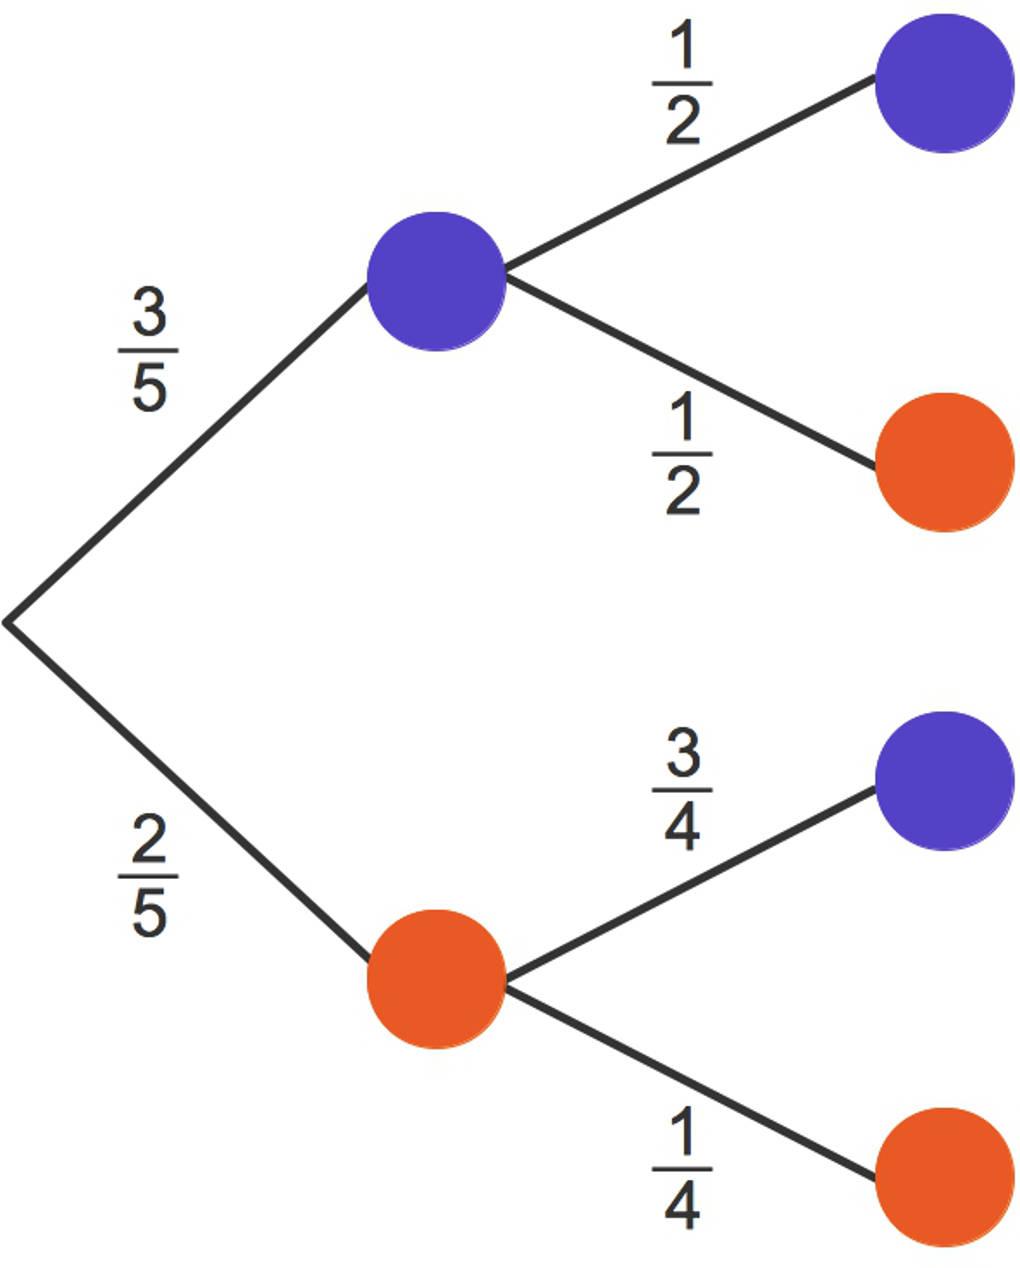 1220_Baumdiagramm_1.jpg